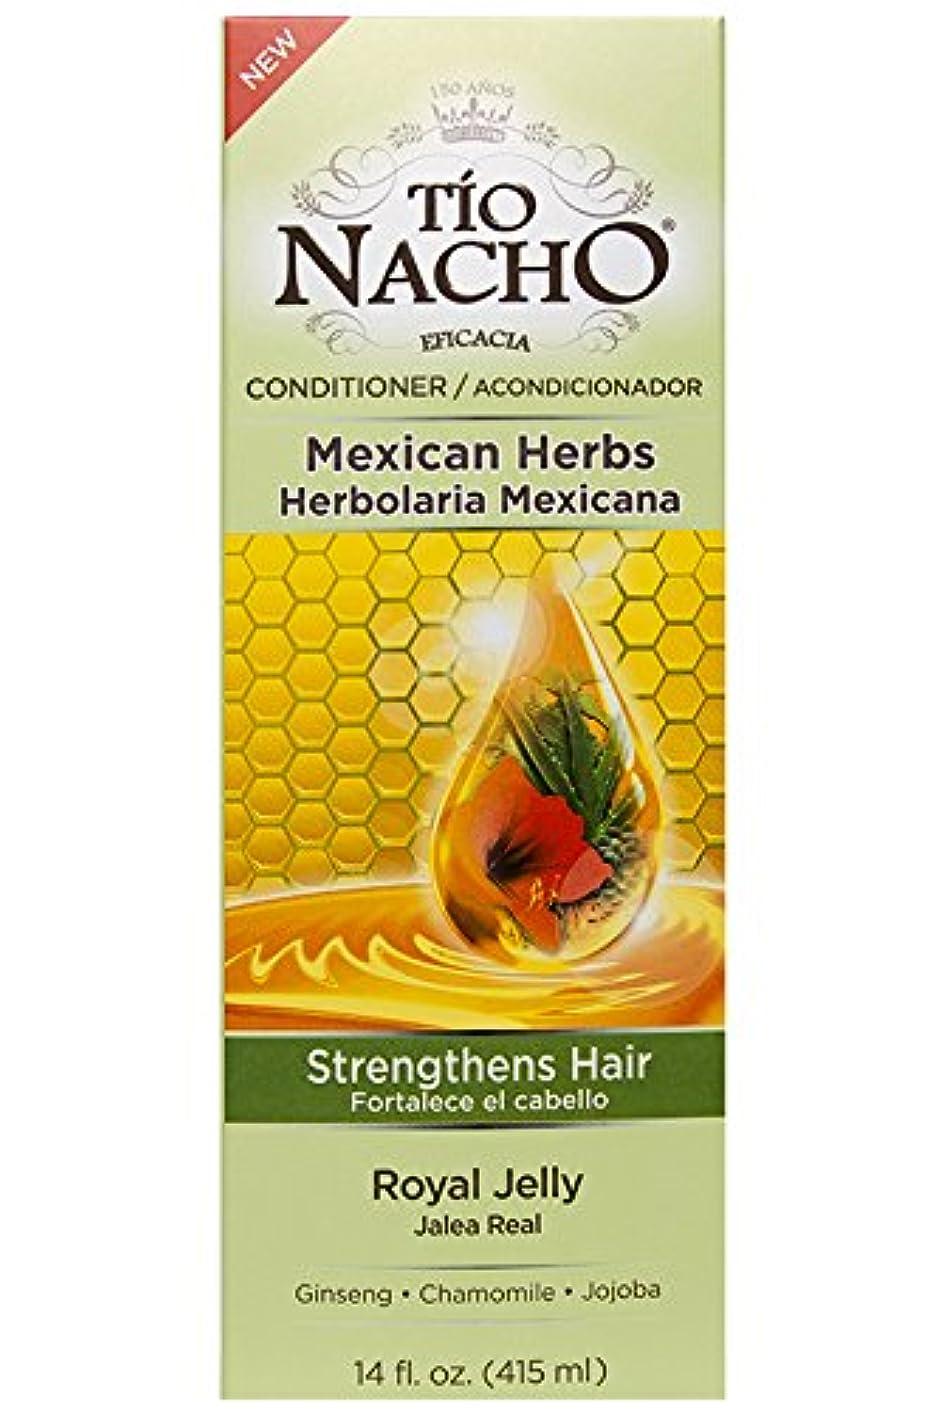 上に機転カウントアップTio Nacho ローヤルゼリー、高麗人参、アロエベラ、小麦、ホホバ、14オンスコンディショナーを強化メキシコハーブの髪。